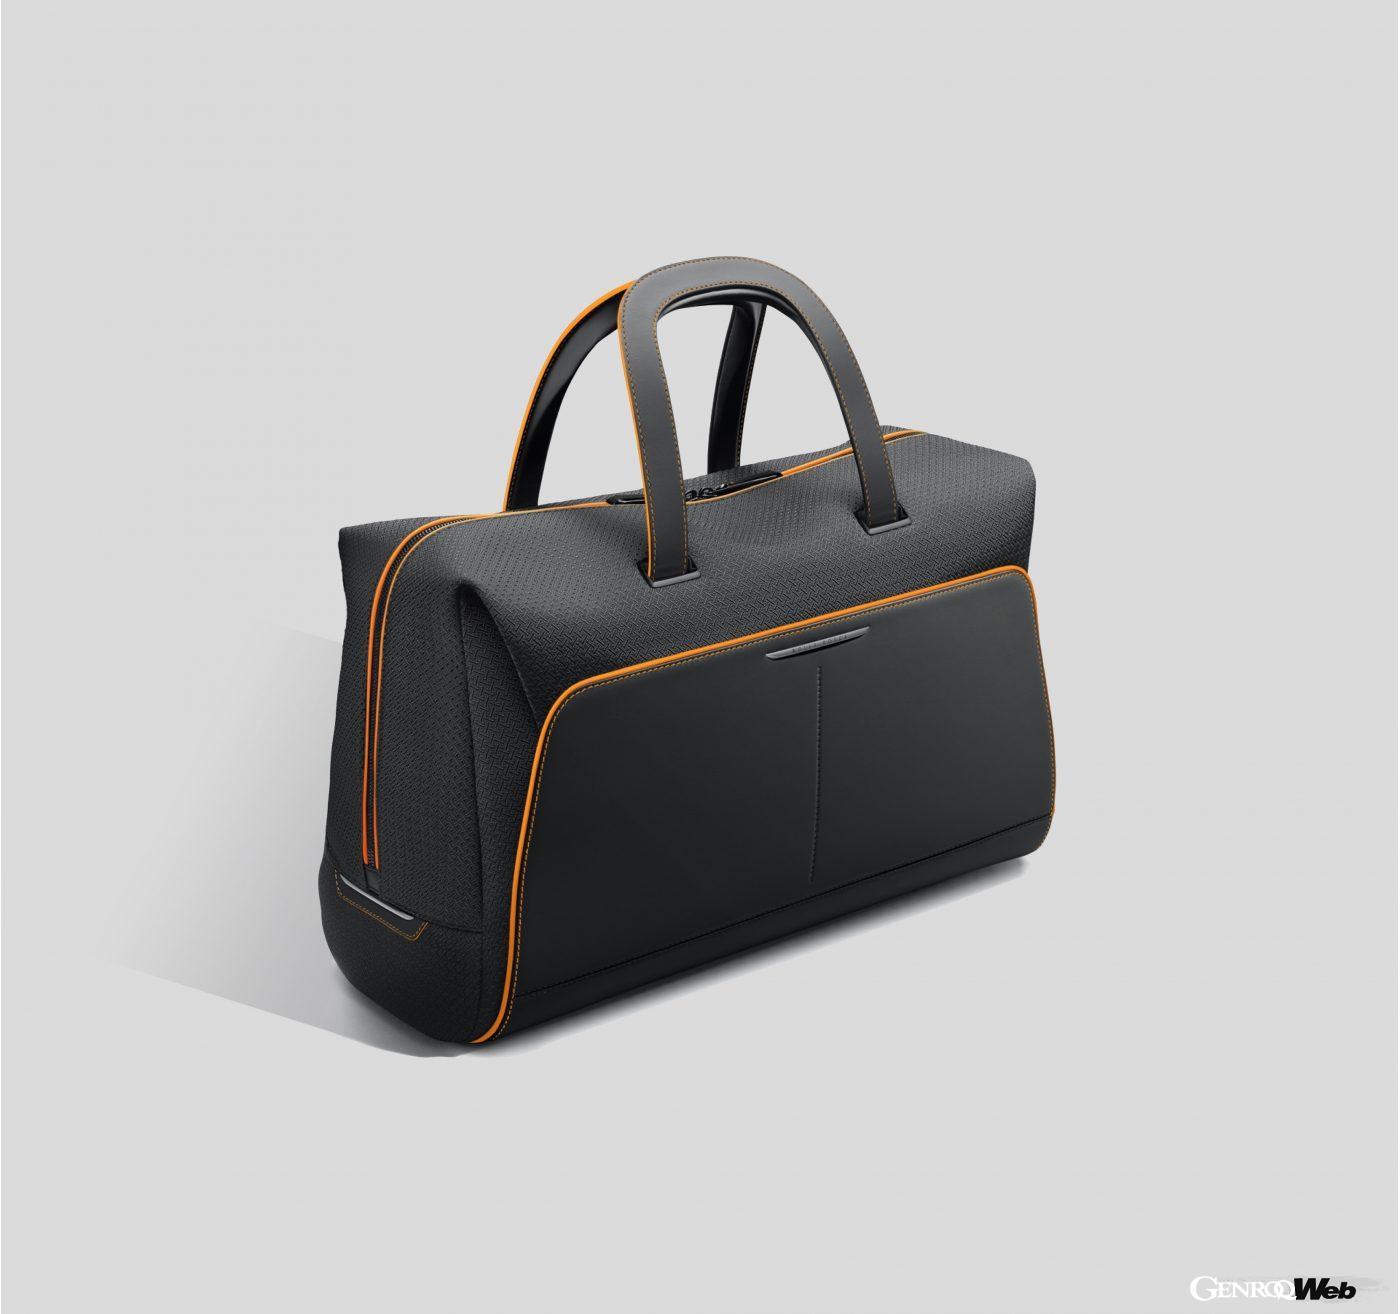 「ロールス・ロイスを「持ち歩く」! 新作バッグコレクションに見るラグジュアリーの新しい姿」の8枚目の画像